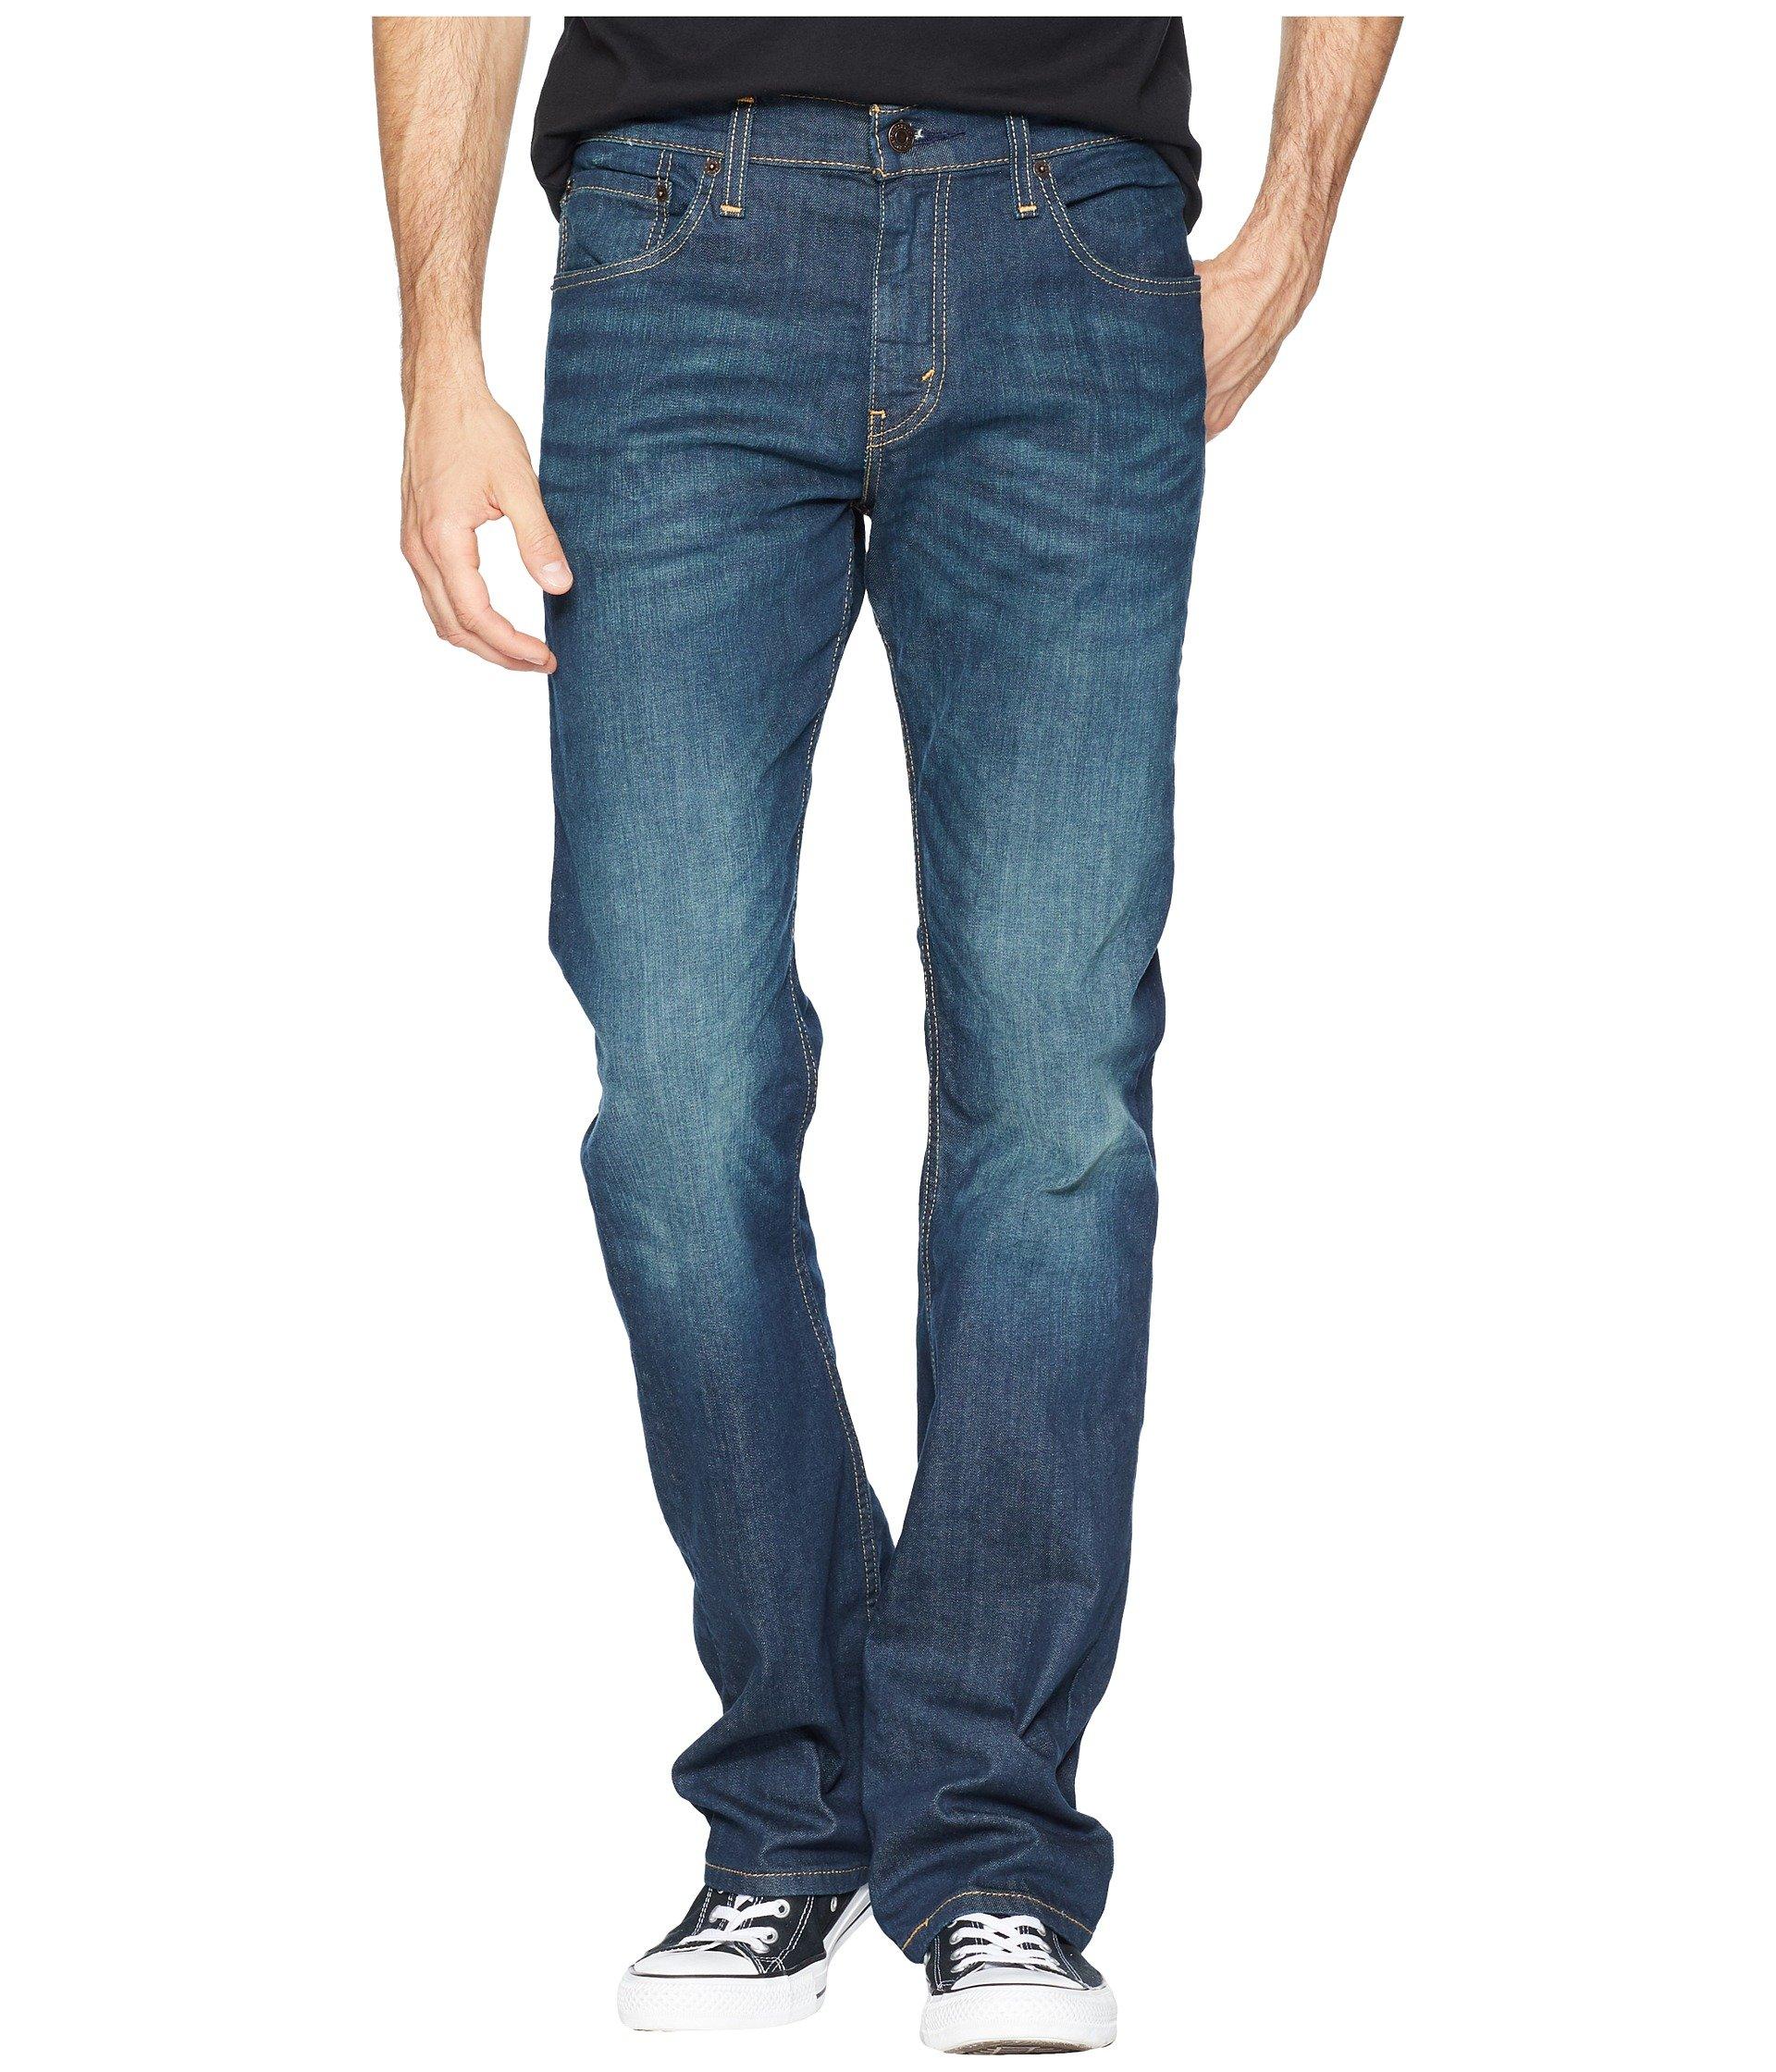 Levi's Men's 527 Slim Bootcut Fit Jean, Midnight/Stretch, 29W x 30L